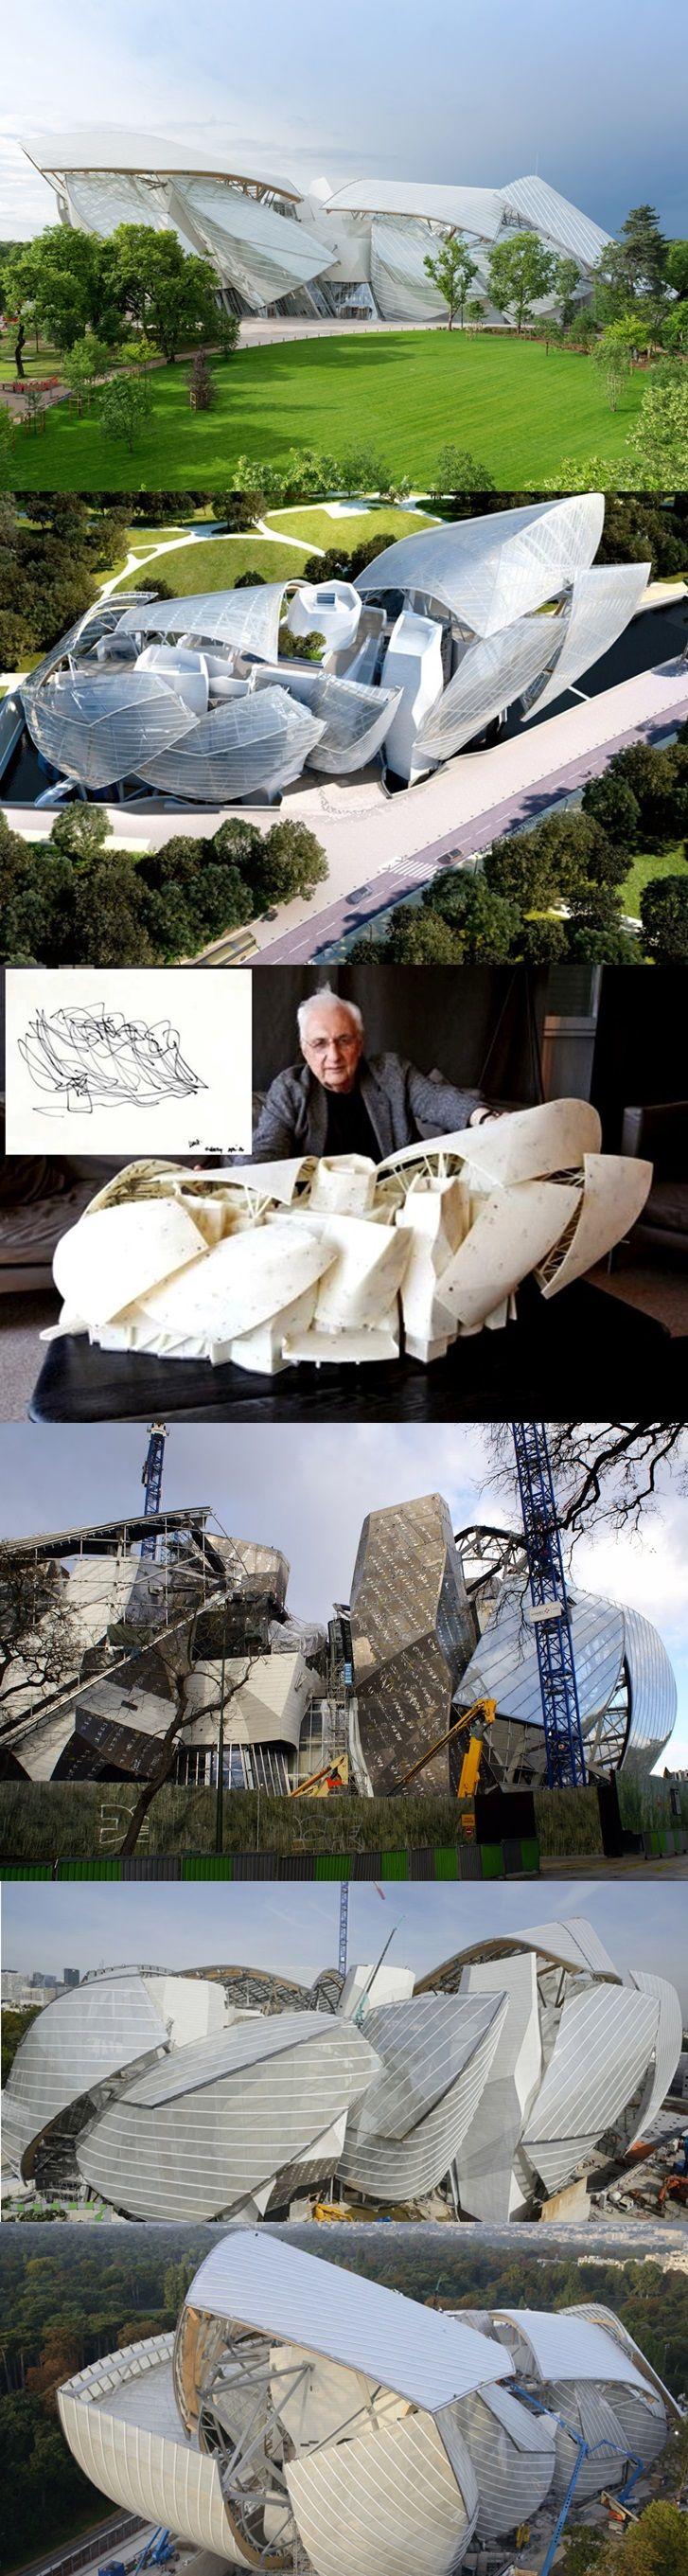 Franck Gehry - Architecture - Fondation Louis Vuitton, Bois de Boulogne, Paris.